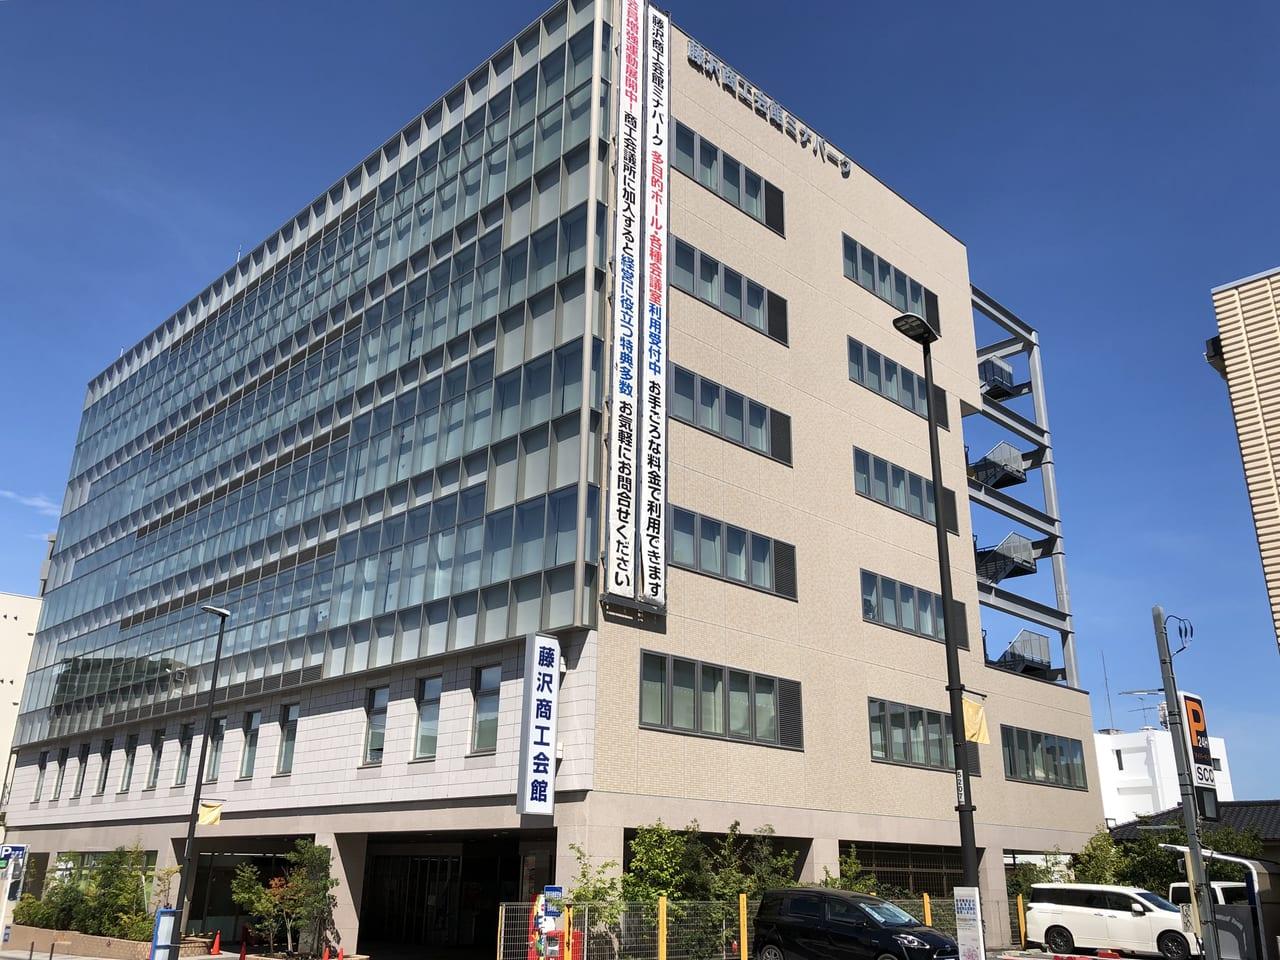 藤沢商工会館